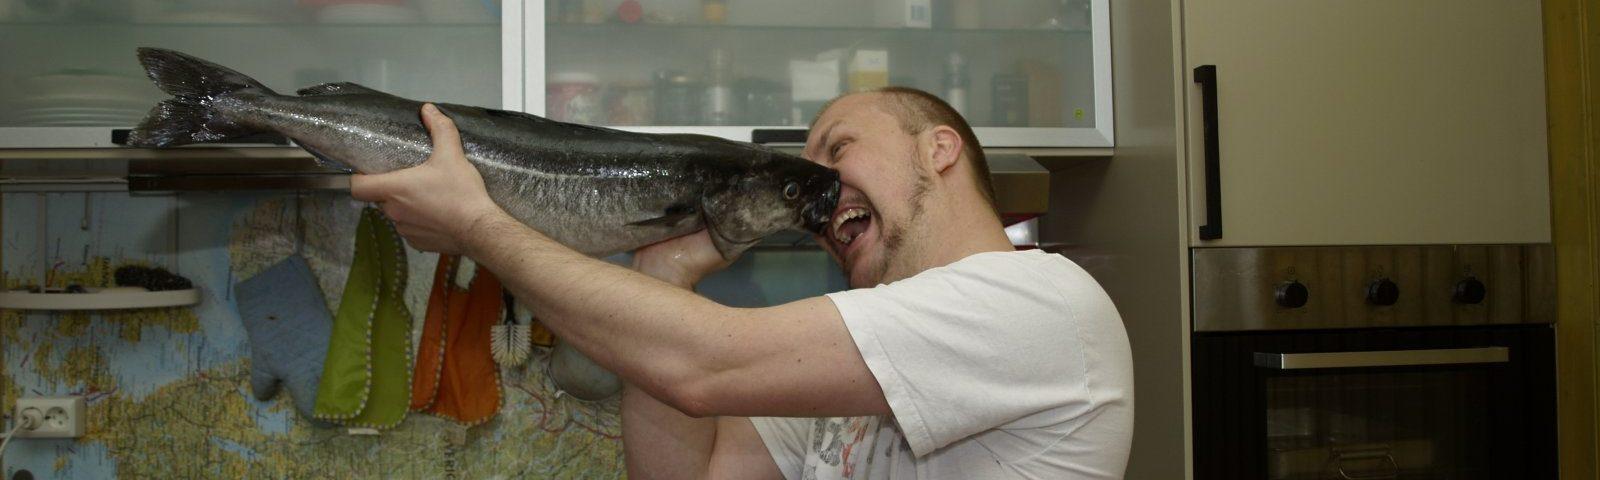 Nico mit Fisch im Gesicht murtaugh liste